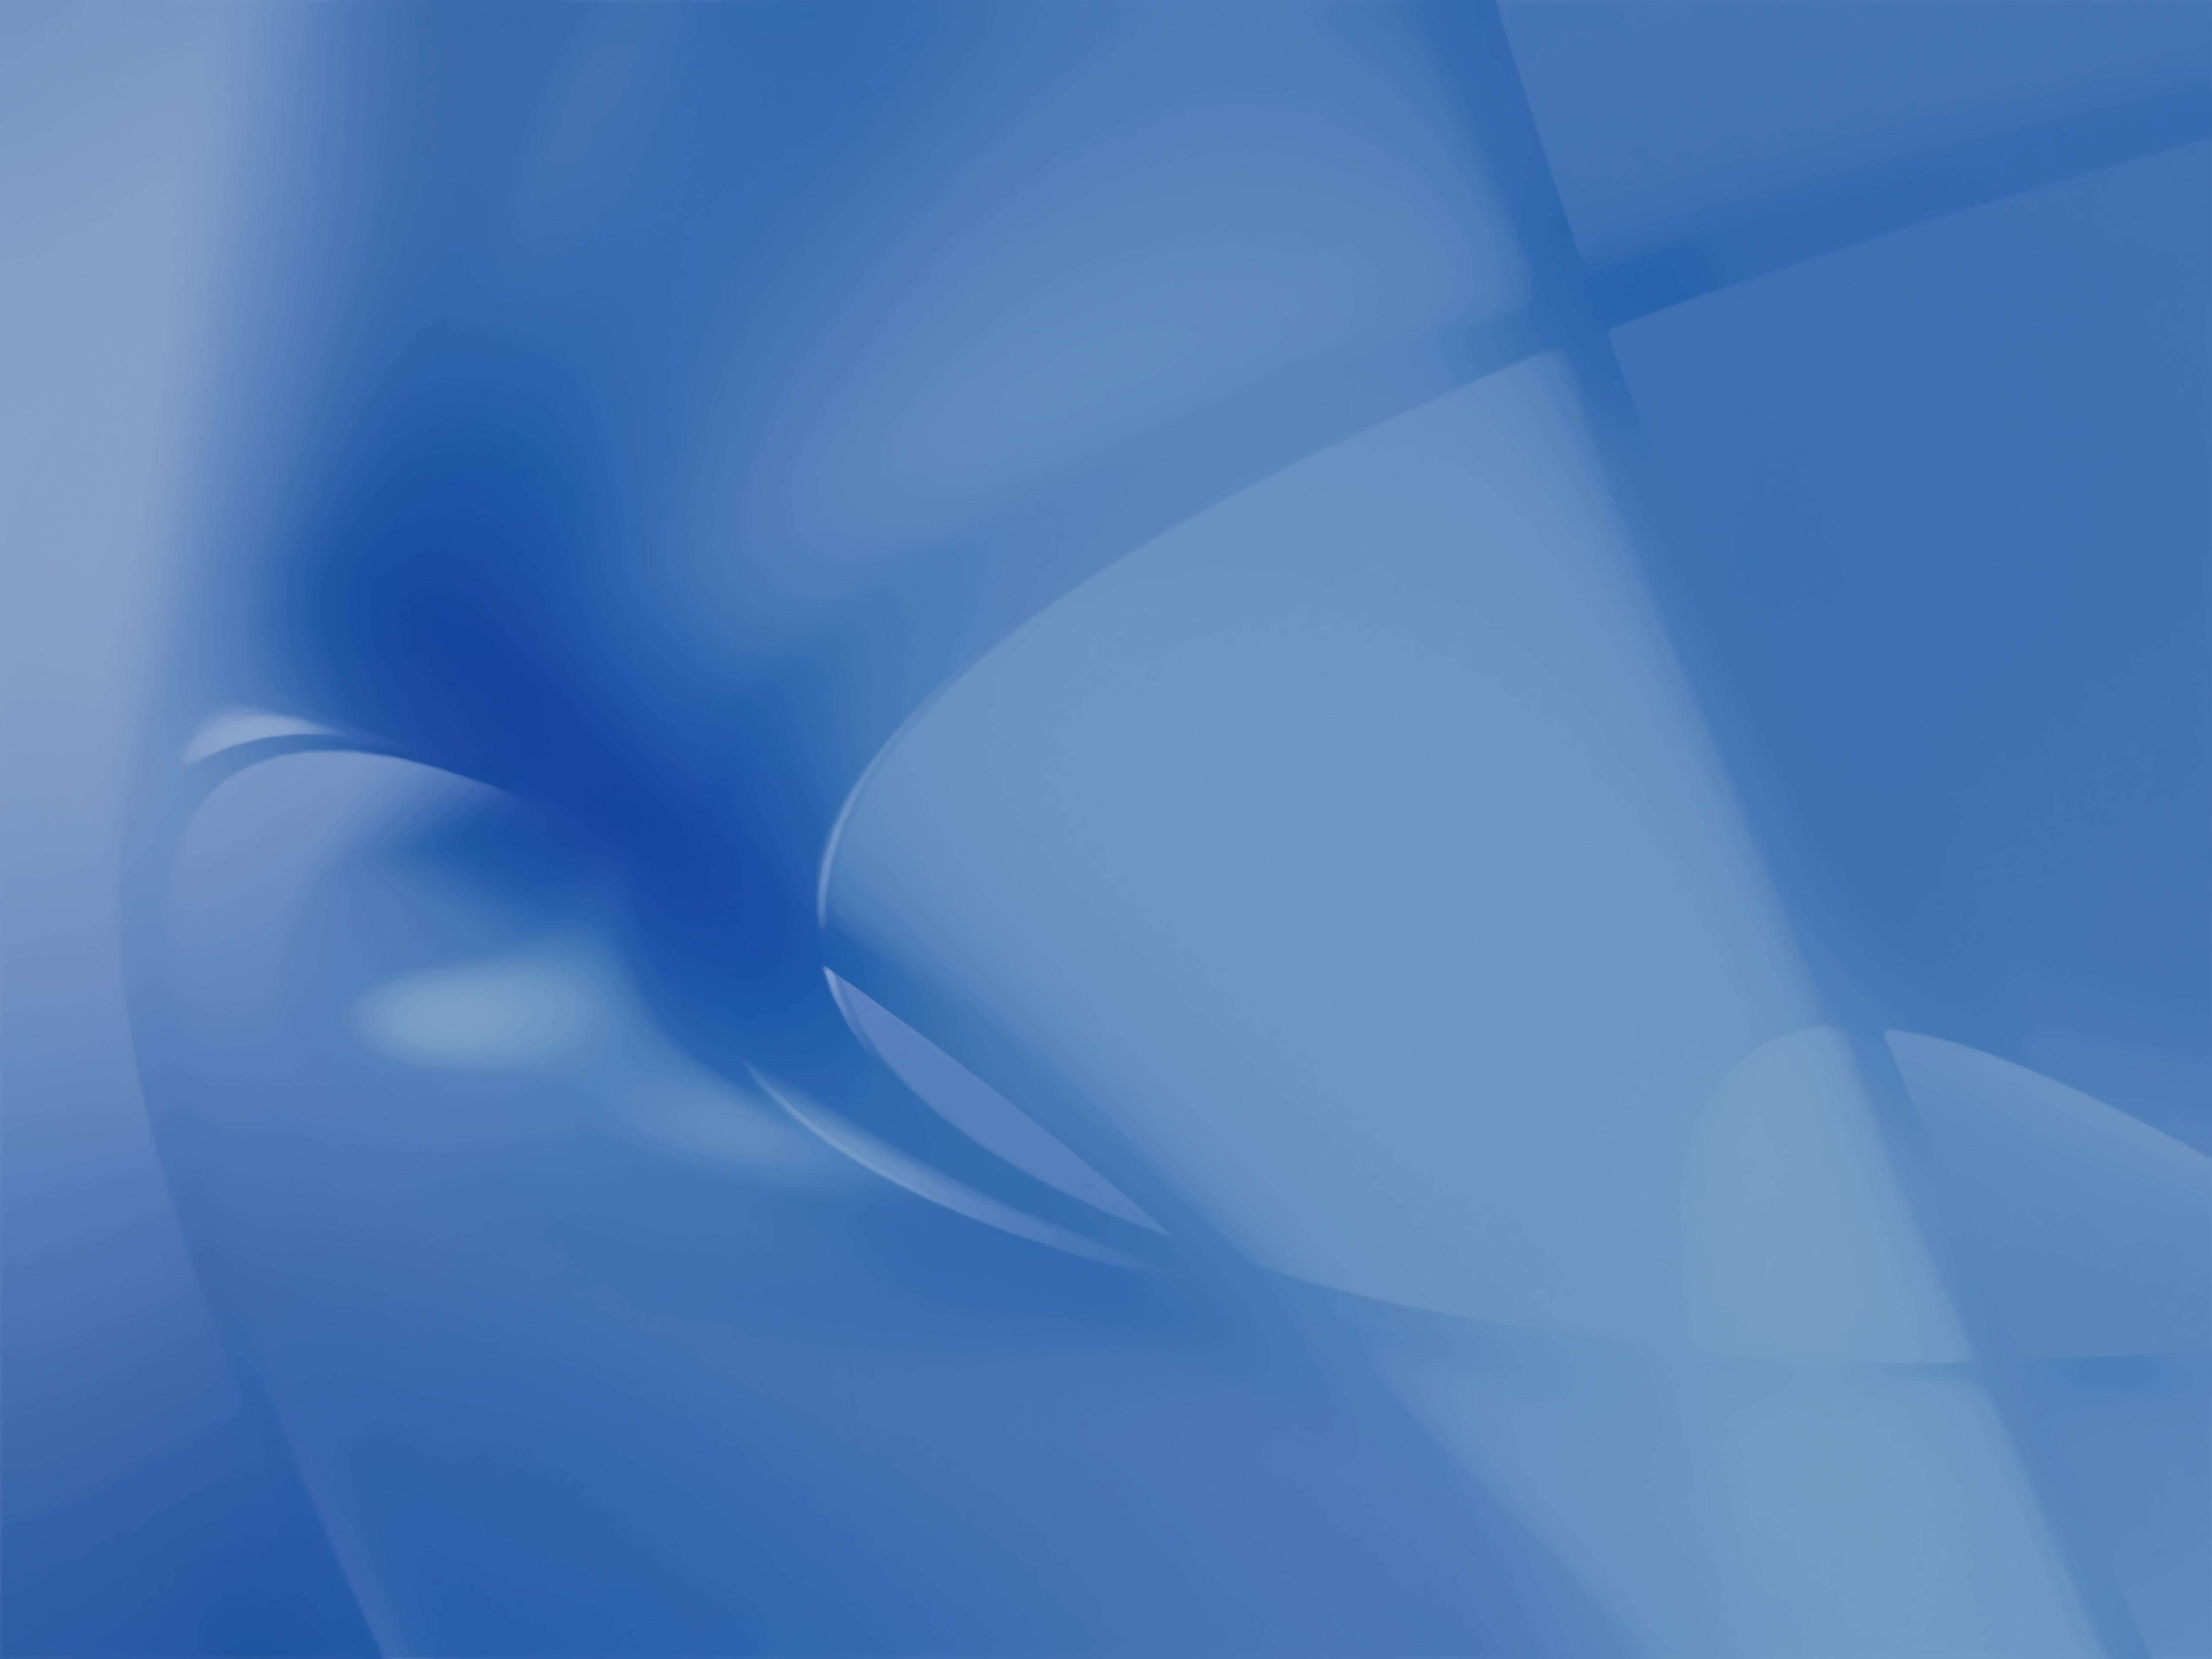 Wallpaper padrão do Mac OS X 10.0 (Cheetah)